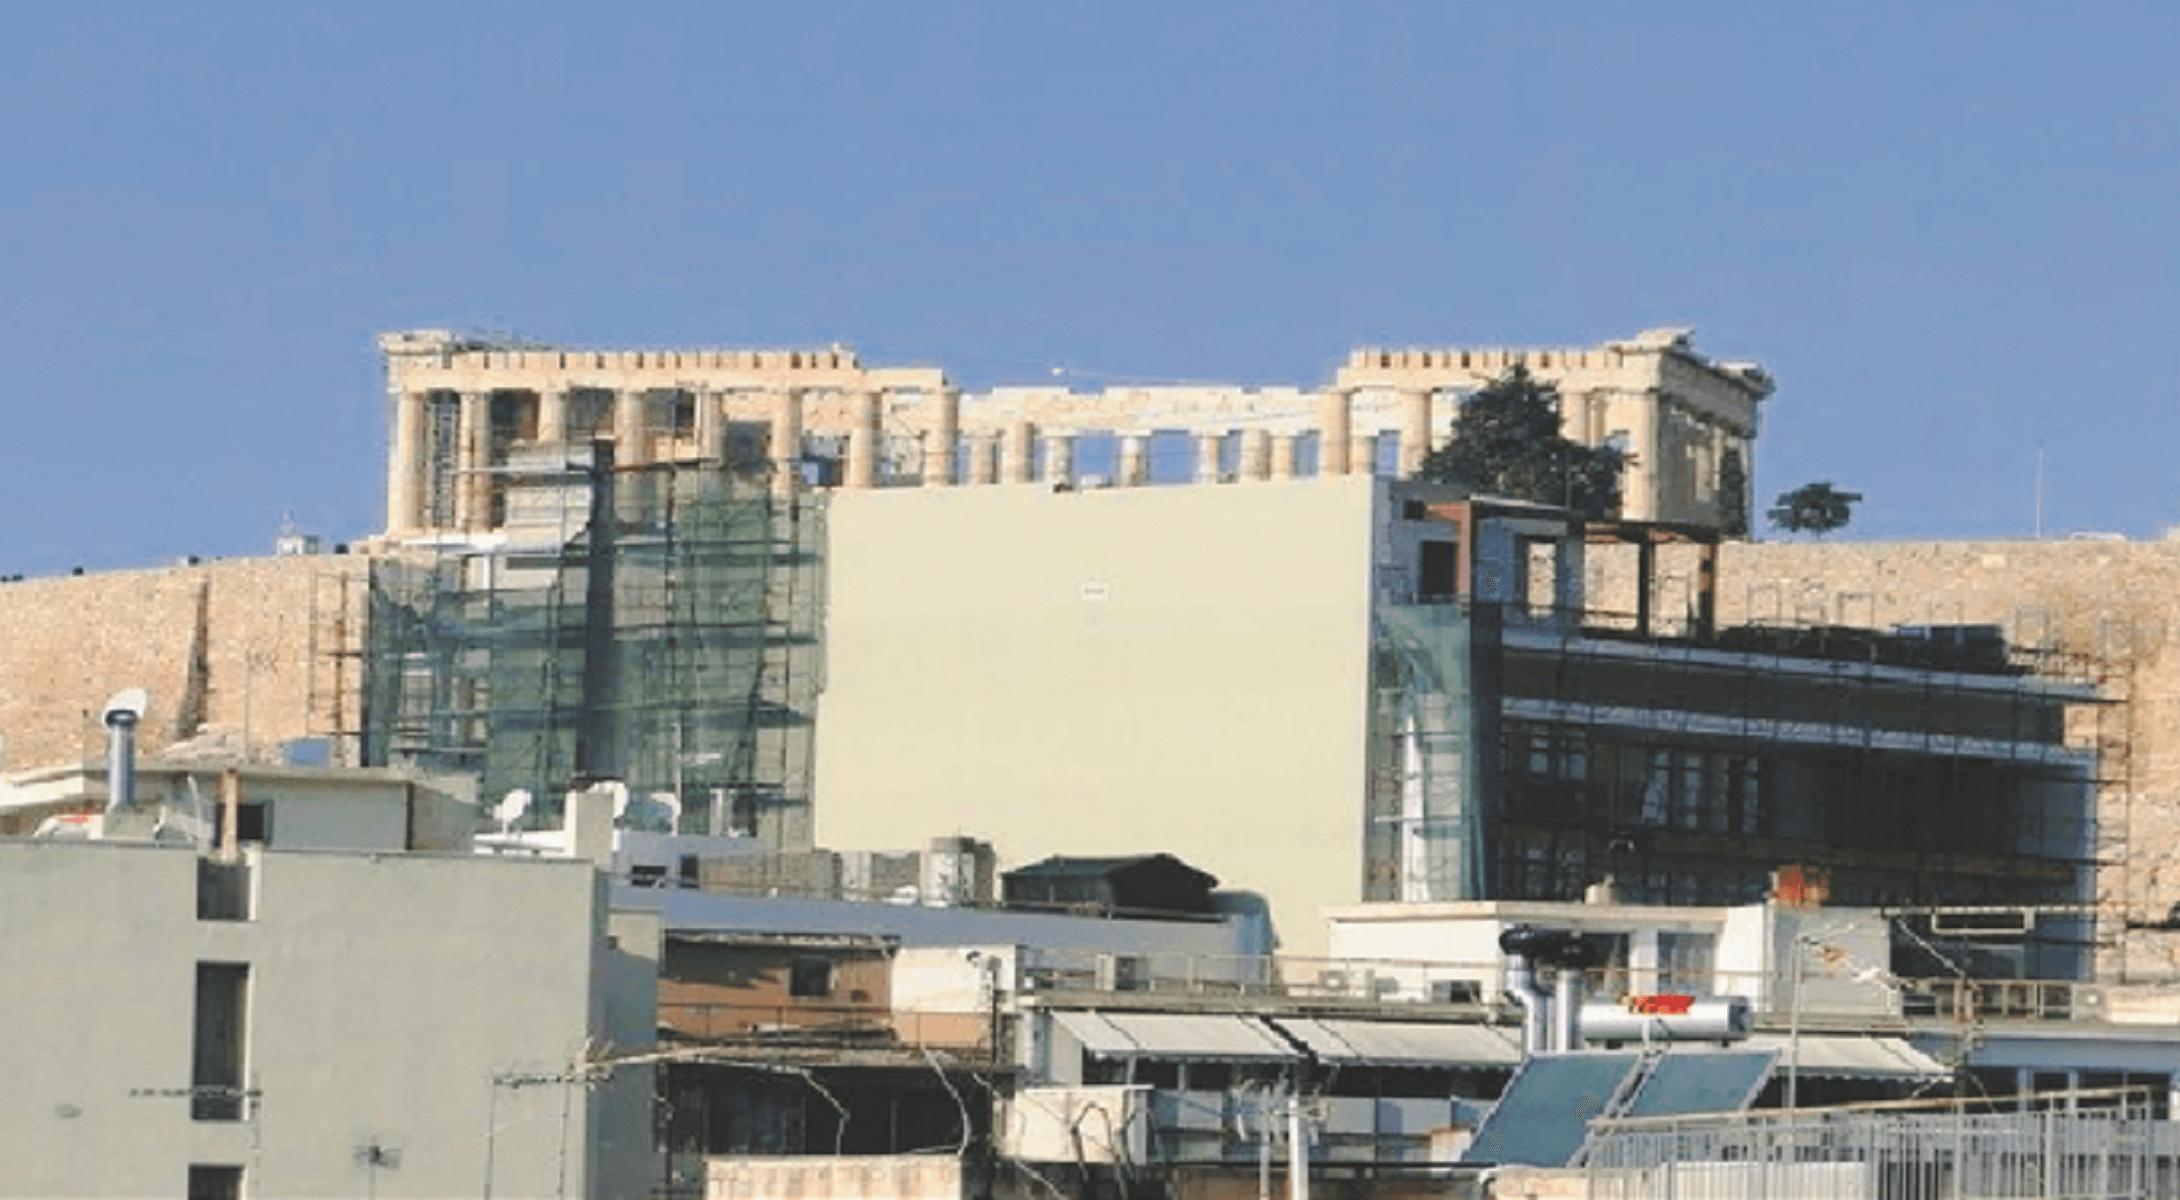 Αναστέλλεται η έκδοση νέων οικοδομικών αδειών γύρω από την Ακρόπολη!